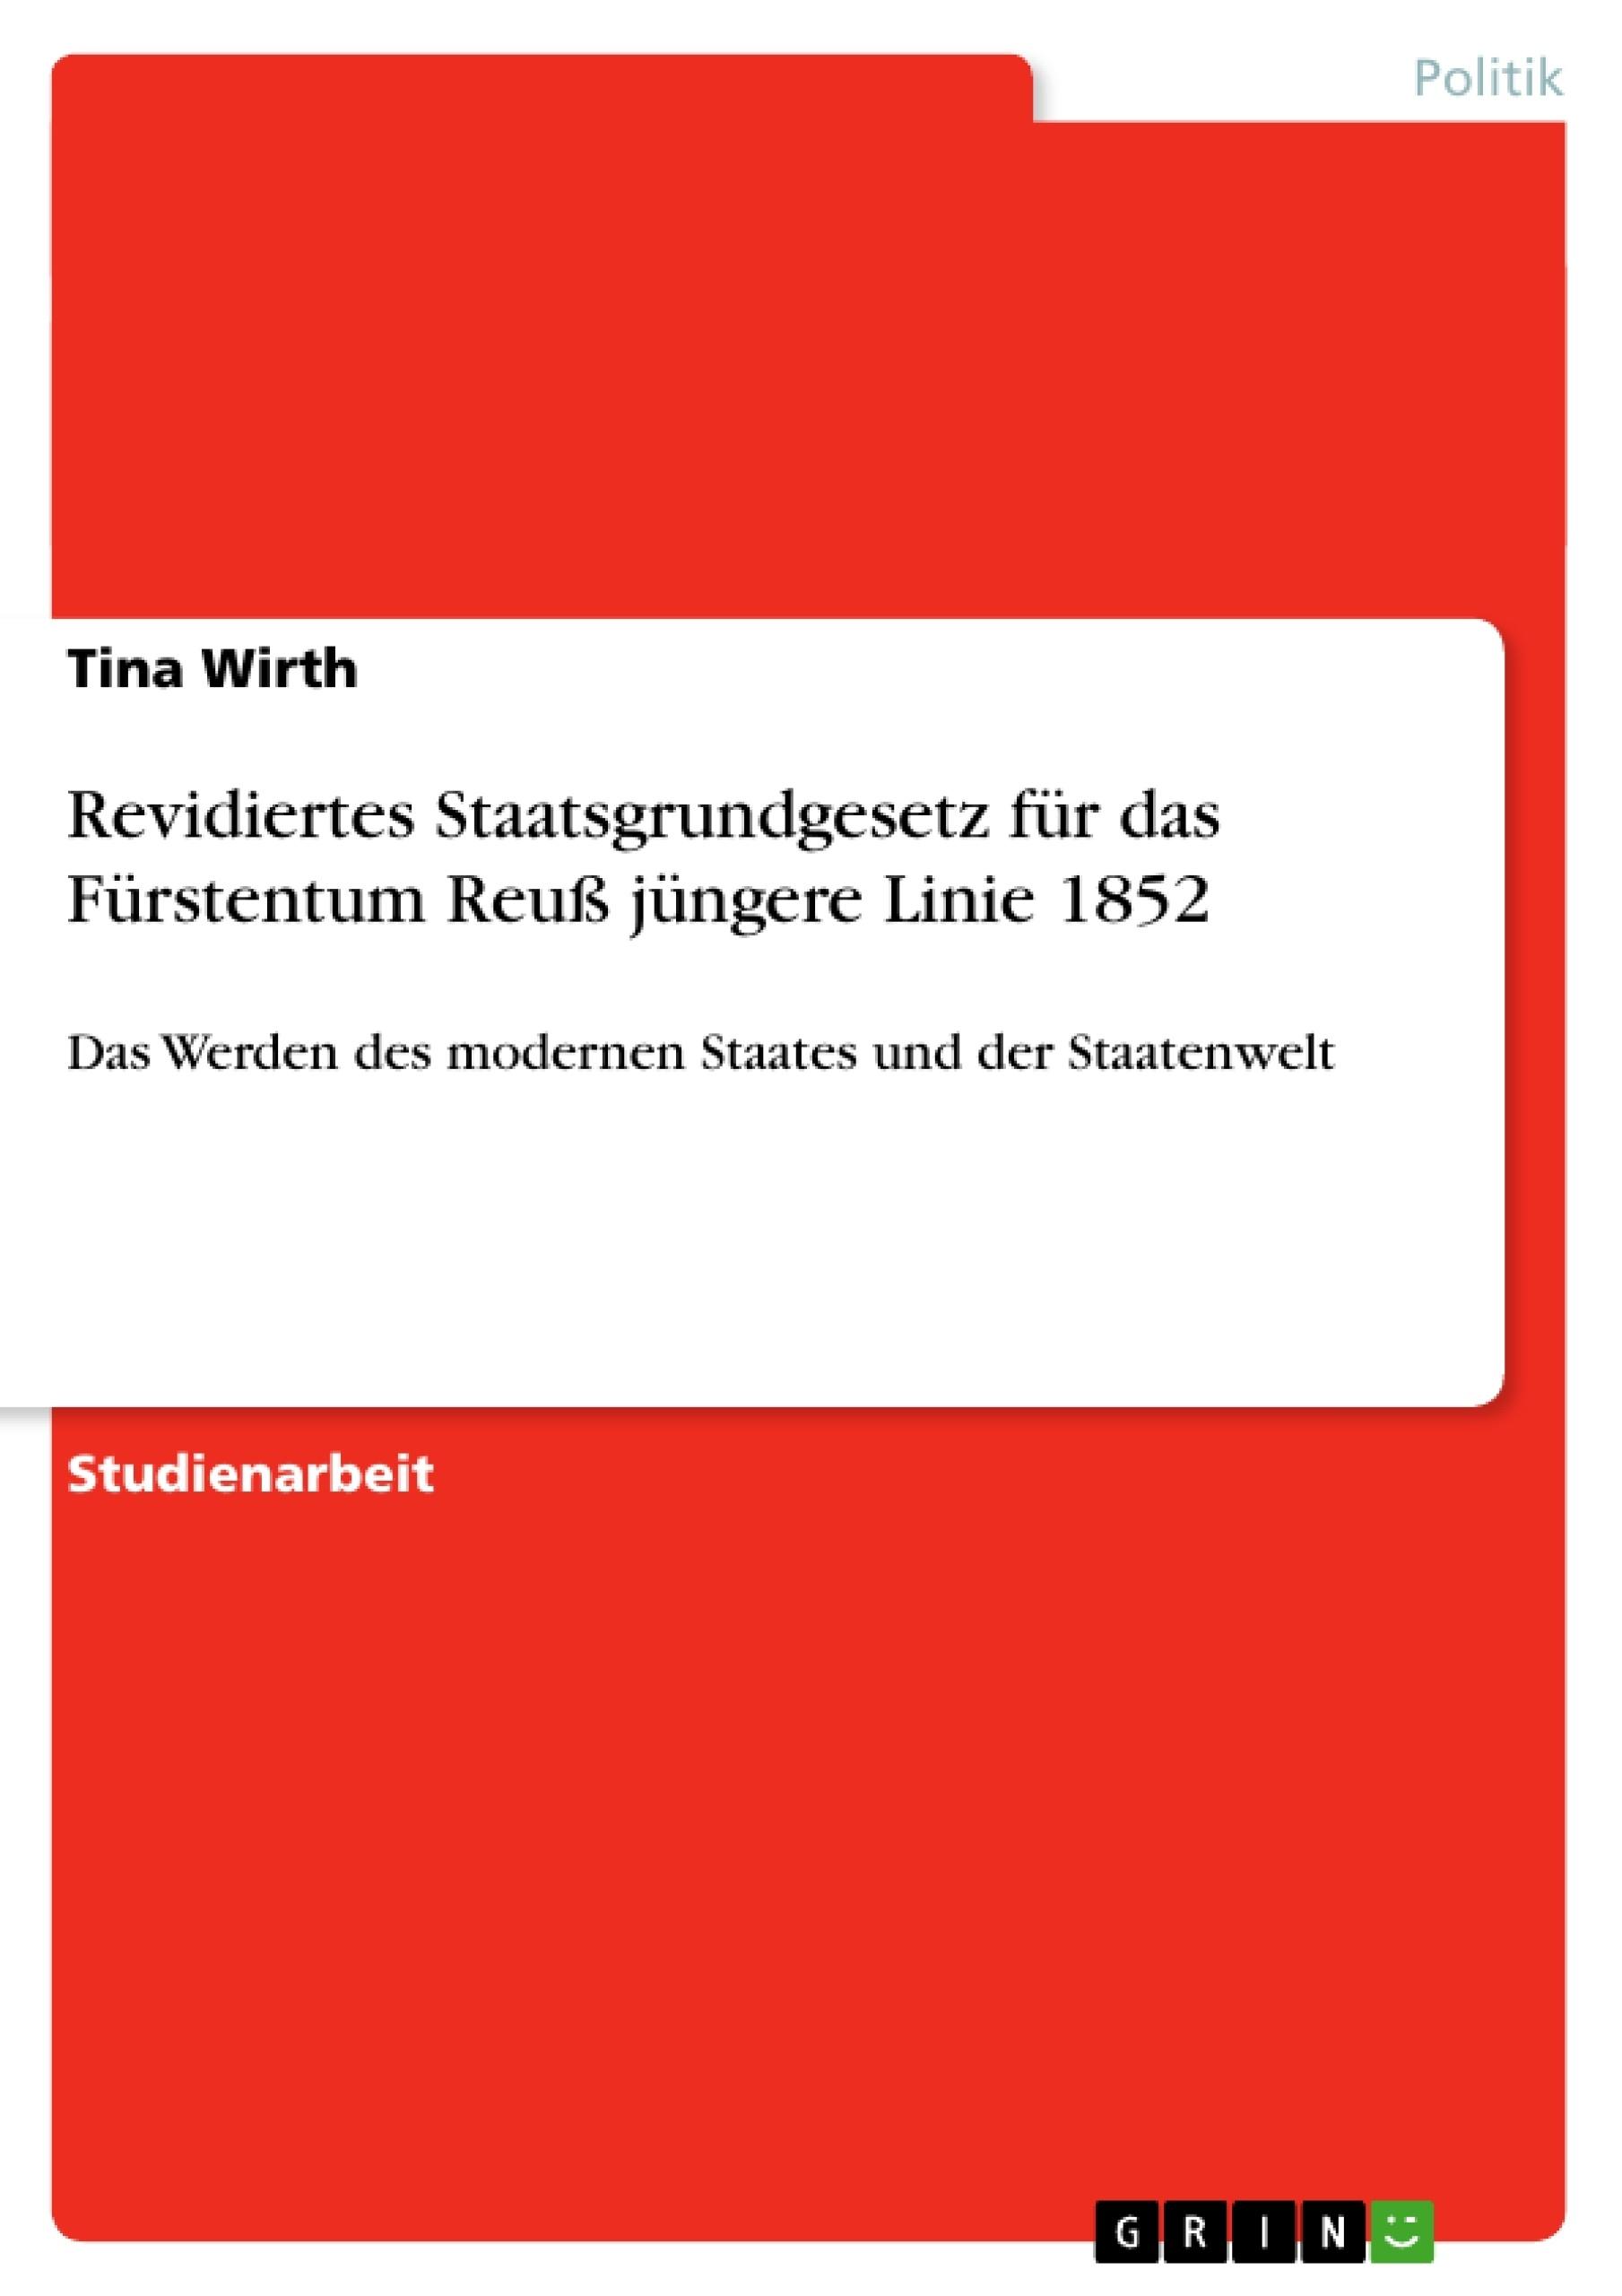 Titel: Revidiertes Staatsgrundgesetz für das Fürstentum Reuß jüngere Linie 1852